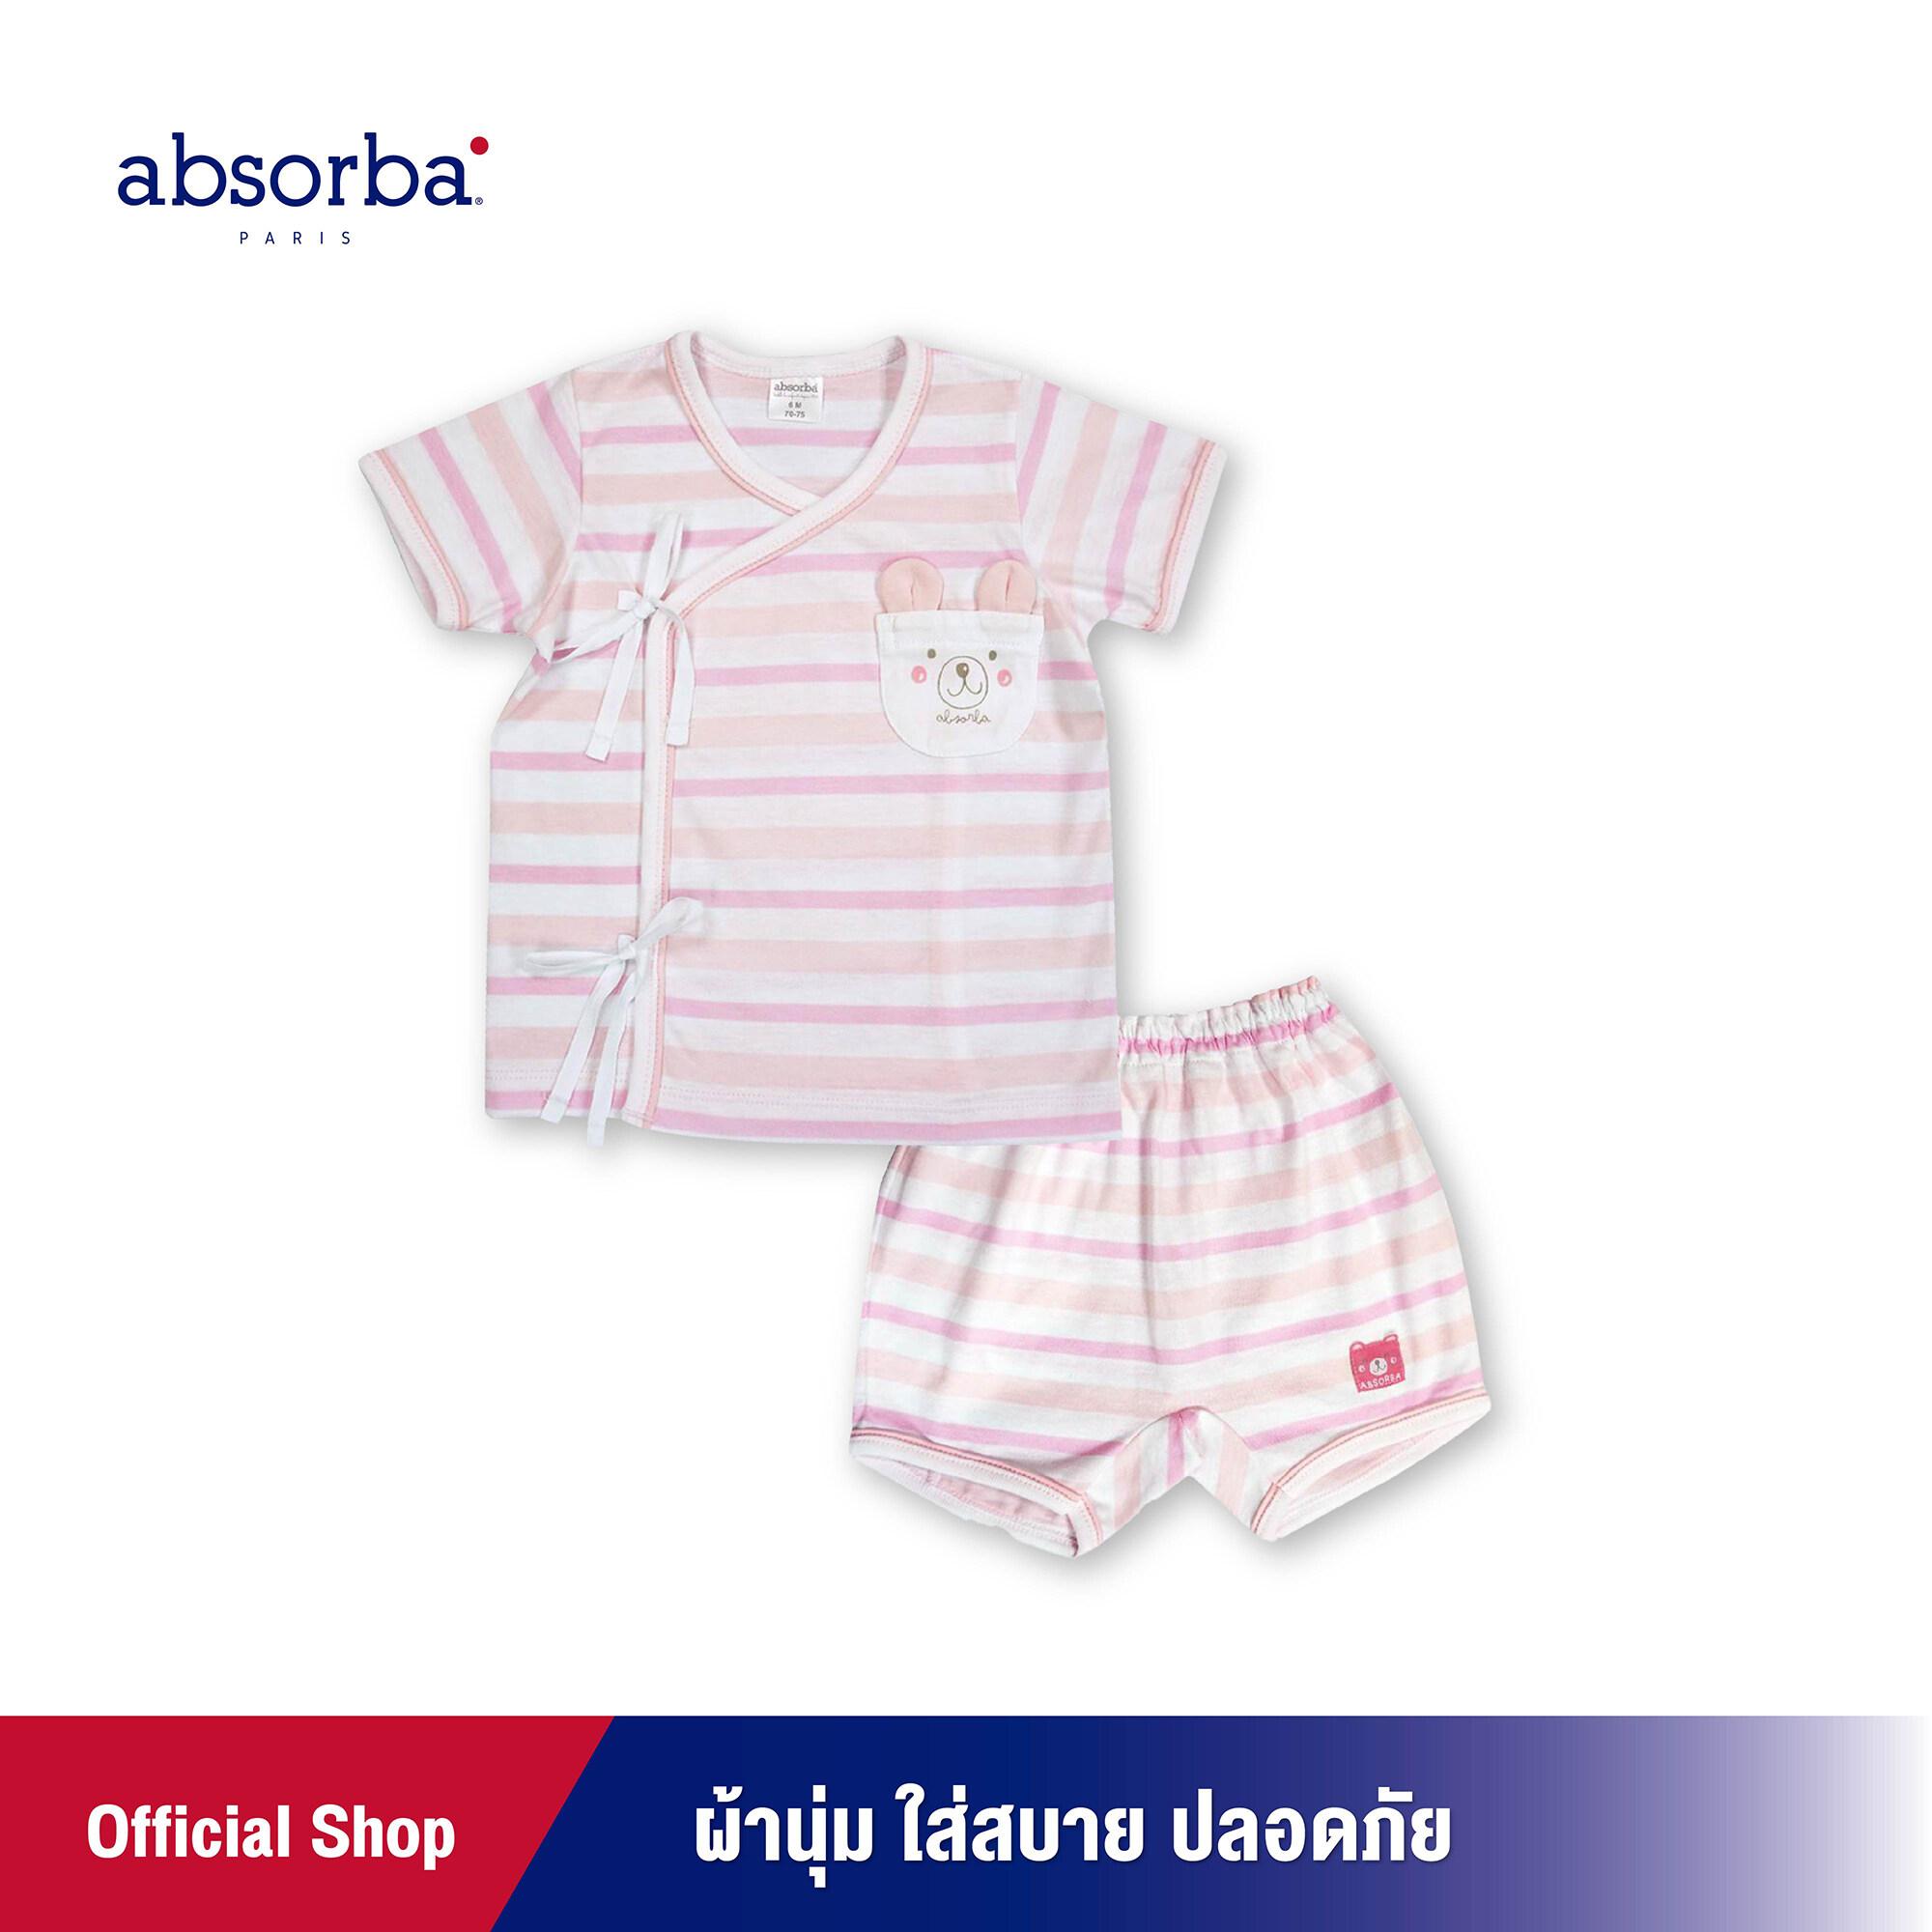 ซื้อที่ไหน absorba (แอ๊บซอร์บา) ชุดเสื้อป้ายเด็ก หรือ ชุดเสื้อผูกหน้าเด็ก แขนสั้น ลายริ้วสีชมพู สำหรับเด็กอายุ 6 เดือน - 12 เดือน - R1R2003PI ชุดเด็กผู้หญิง